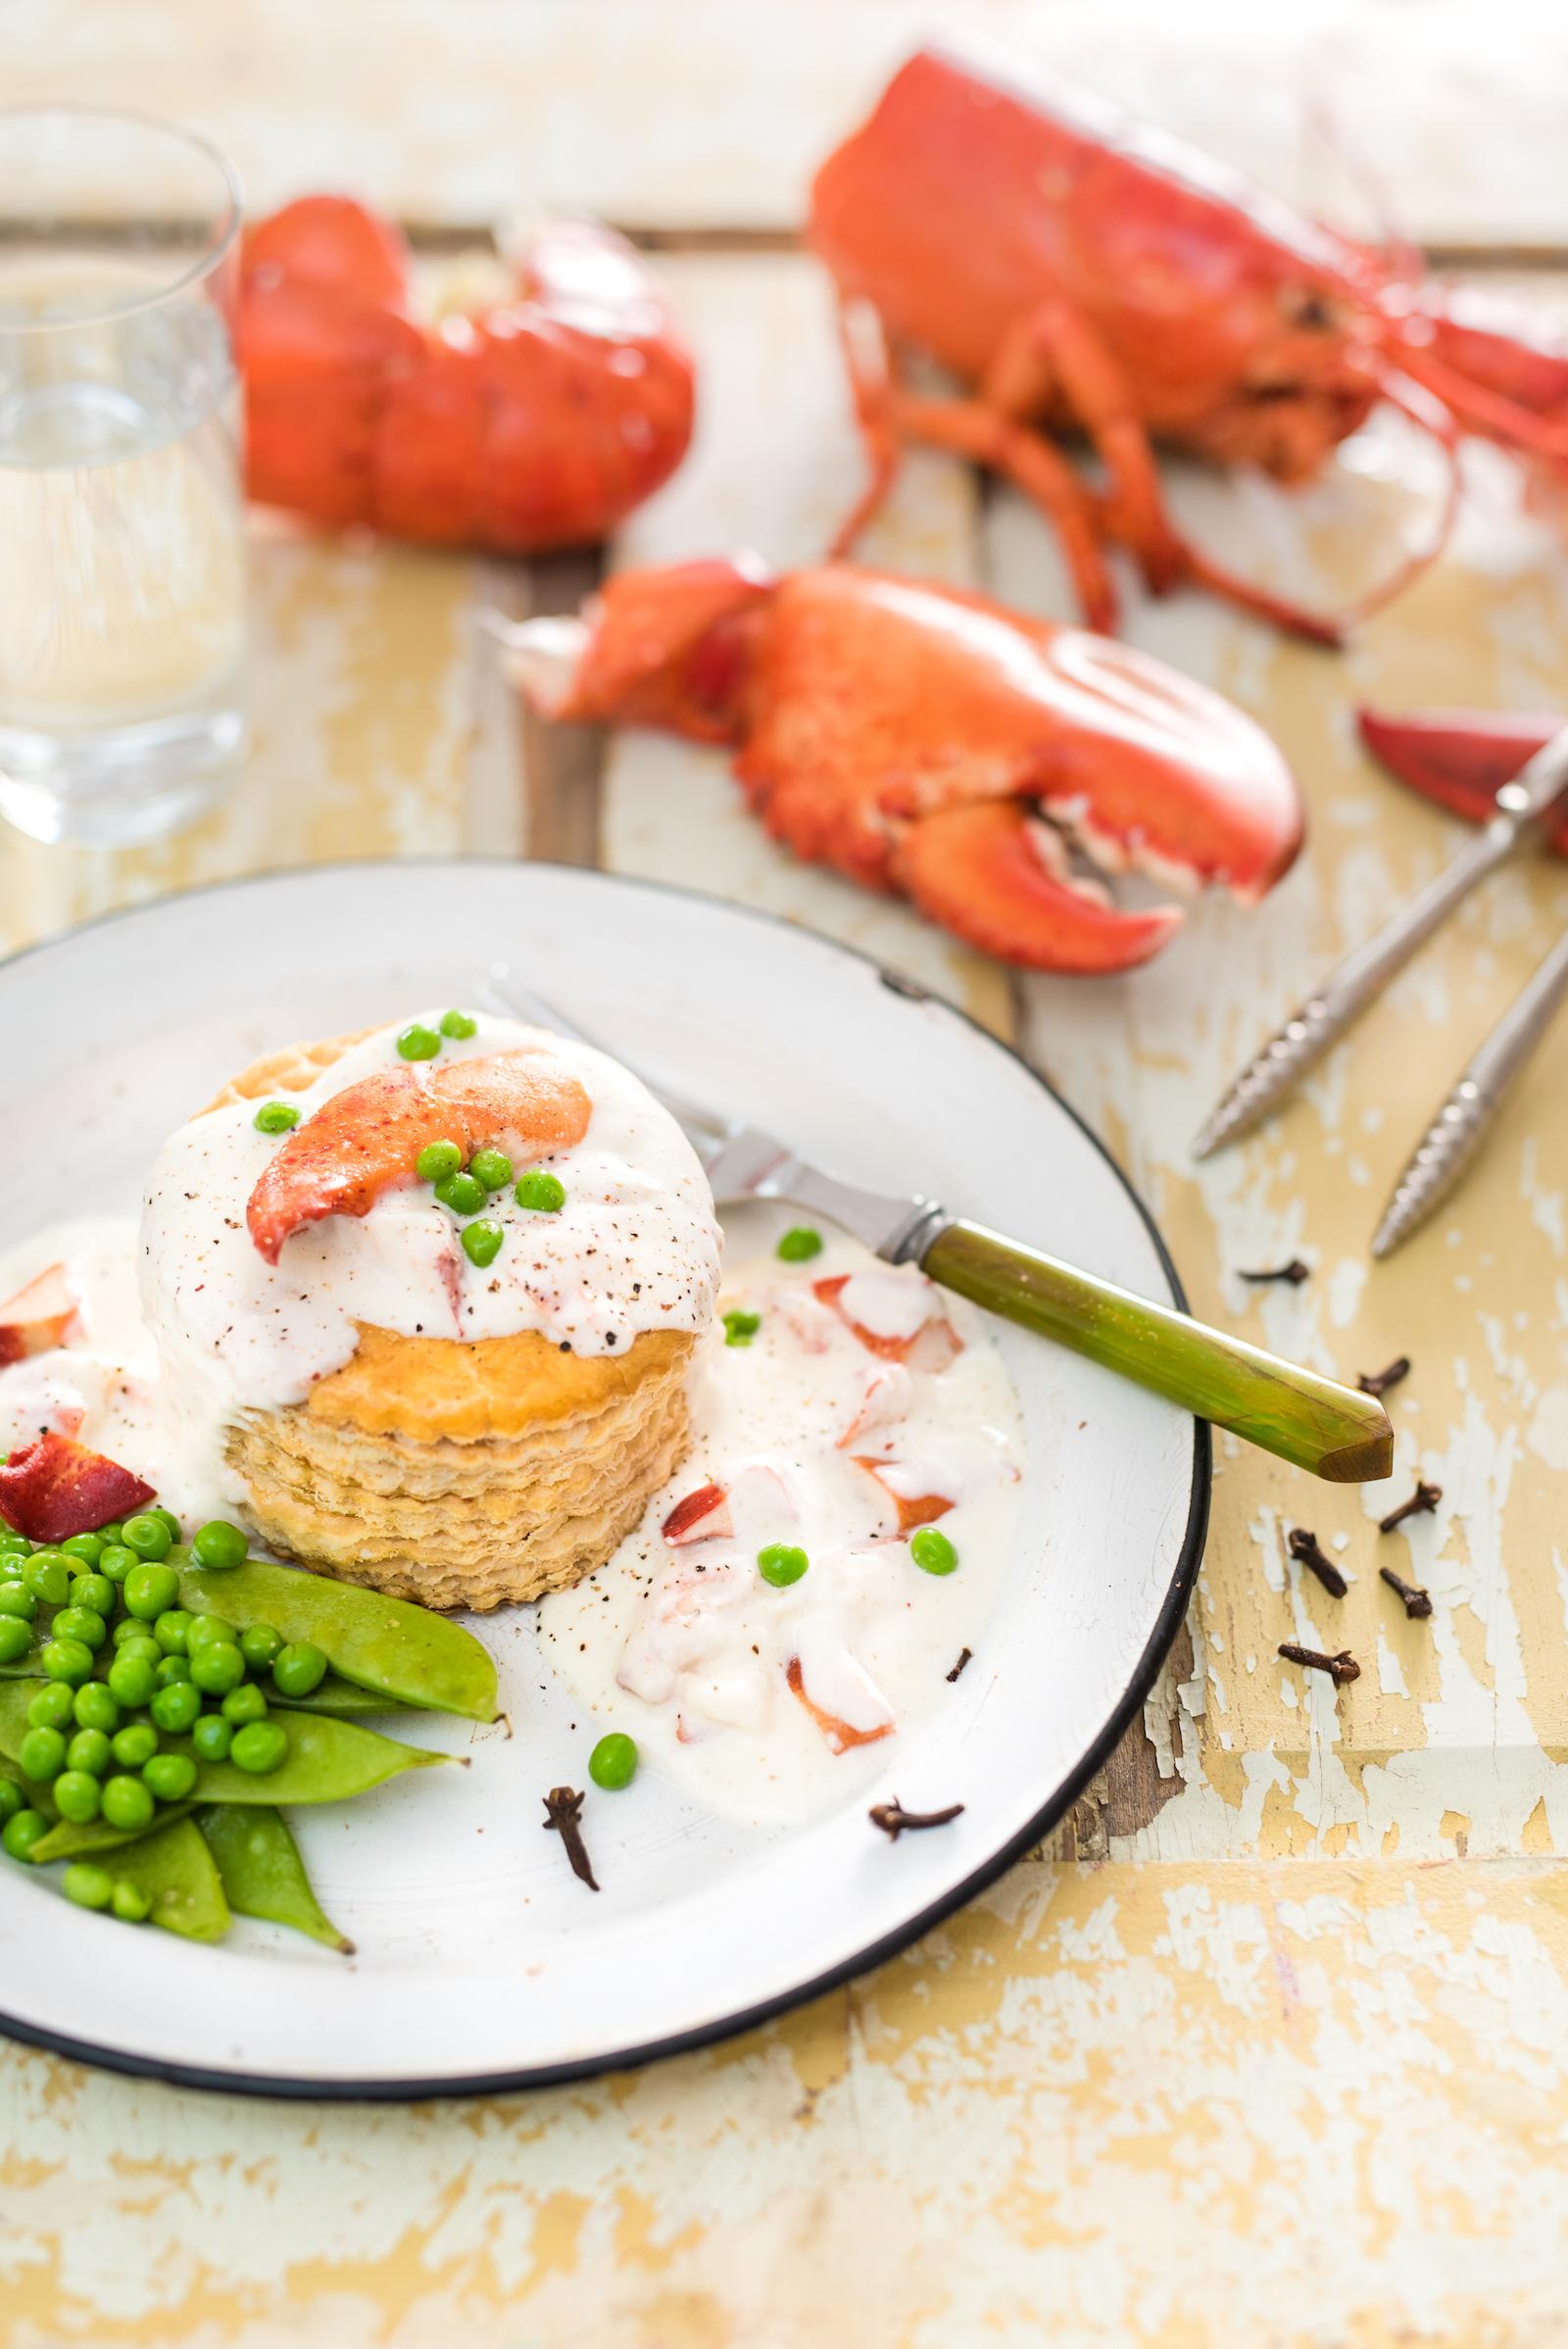 Vol-au-vent au homard Photographie tirée du livre  Ma table festive  Photographie culinaire : Catherine Côté Stylisme culinaire : Hubert Cormier